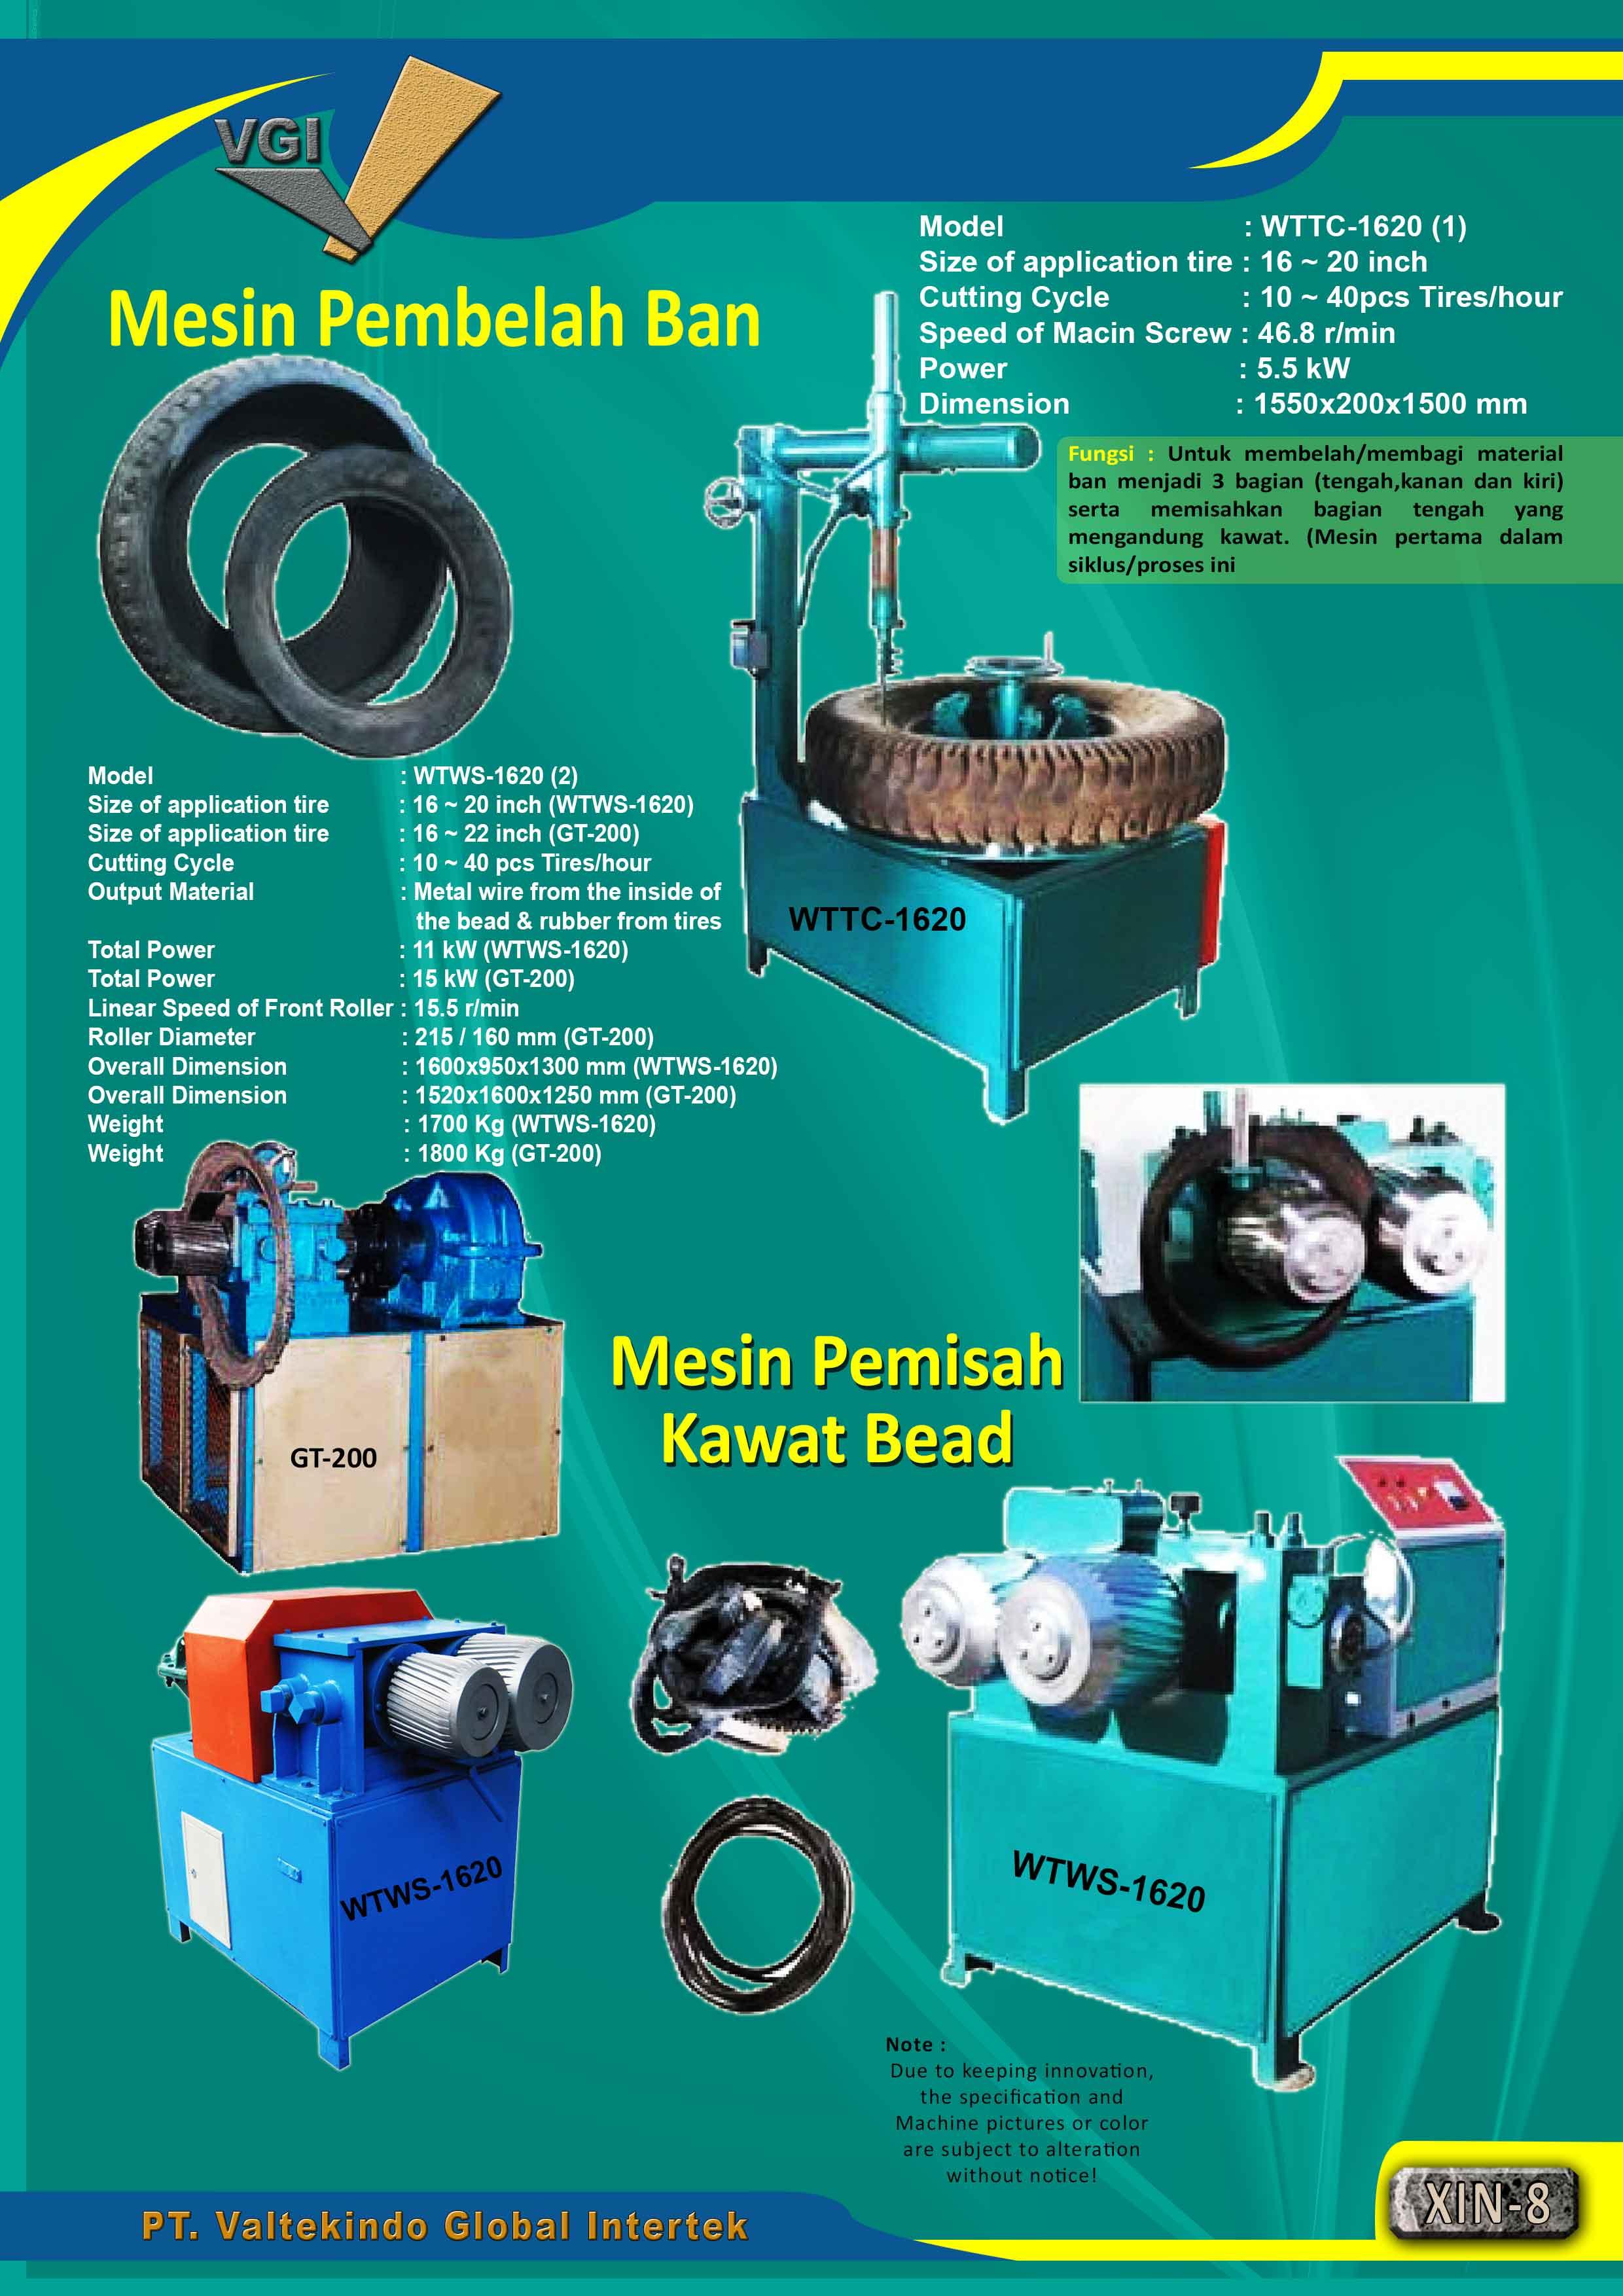 jual mesin Mesin Pembelah & Pemisah Kawat Bead Mesin Pembelah & Pemisah Kawat Bead